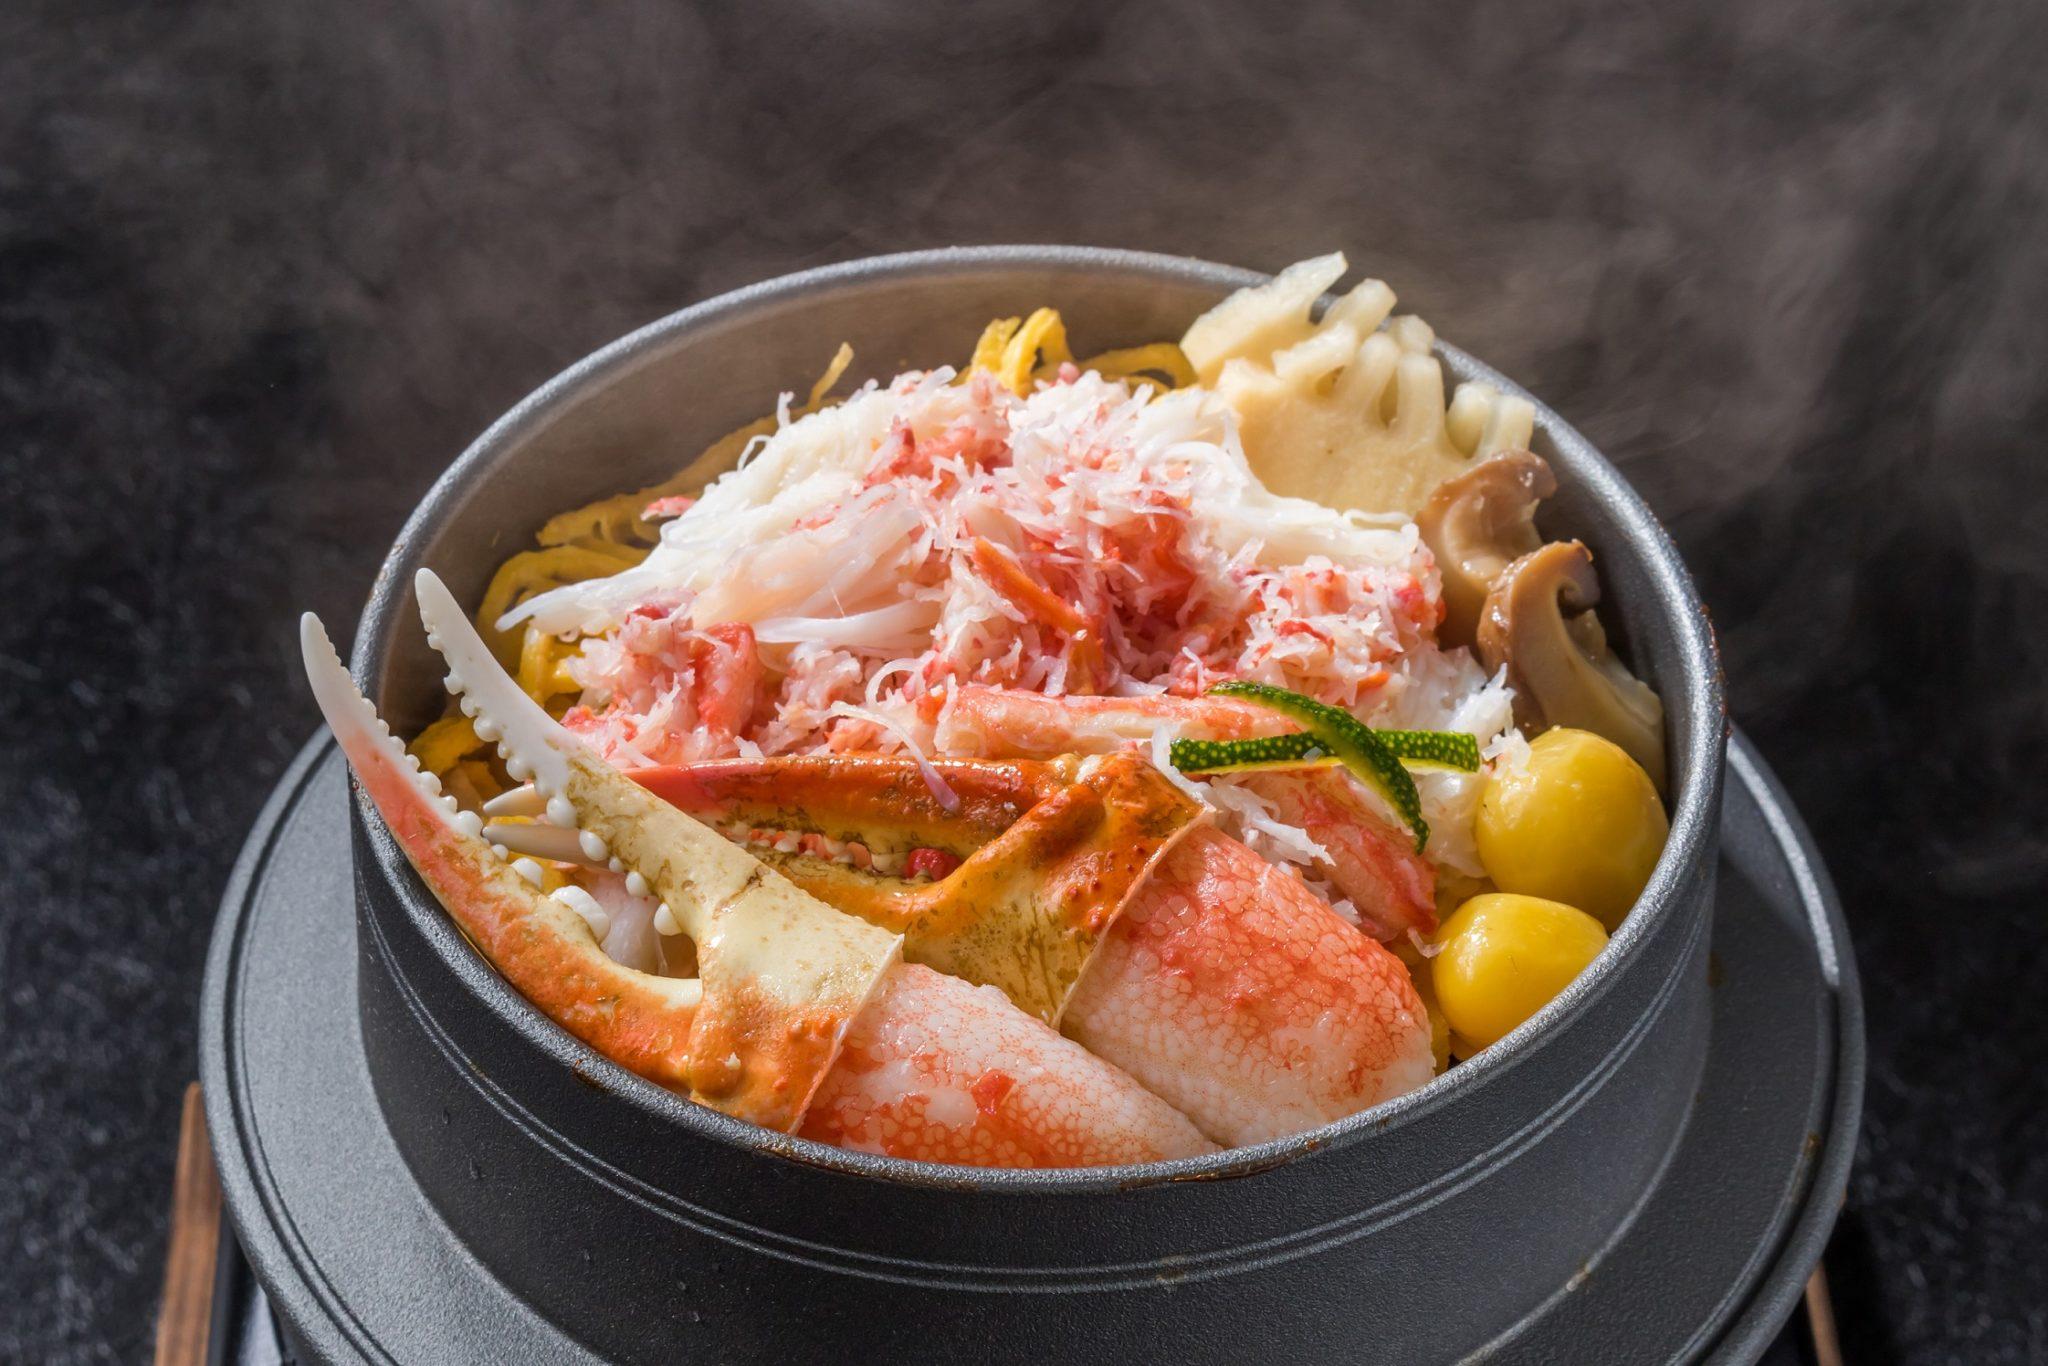 เมนูพิเศษประจำฤดูหนาวจากปูเมนูปูยักษ์ฮอกไกโด ปลาบุรี และปลาอามะได ห้องอาหารญี่ปุ่น คิสโสะ โรงแรม เดอะ เวสทิน แกรนด์ สุขุมวิท 13 -